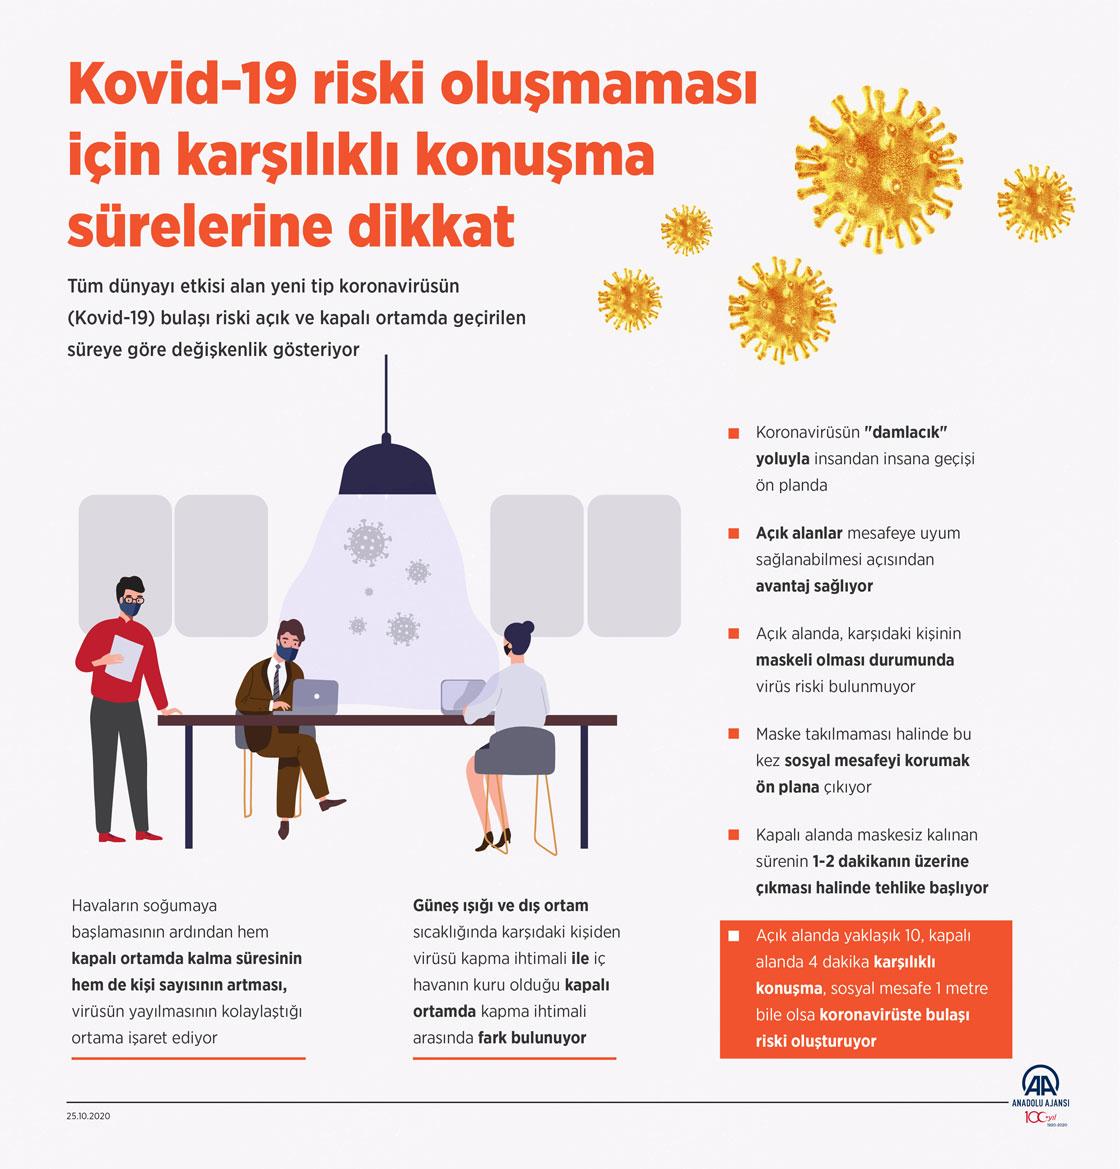 Kovid-19 riski oluşmaması için karşılıklı konuşma sürelerine dikkat